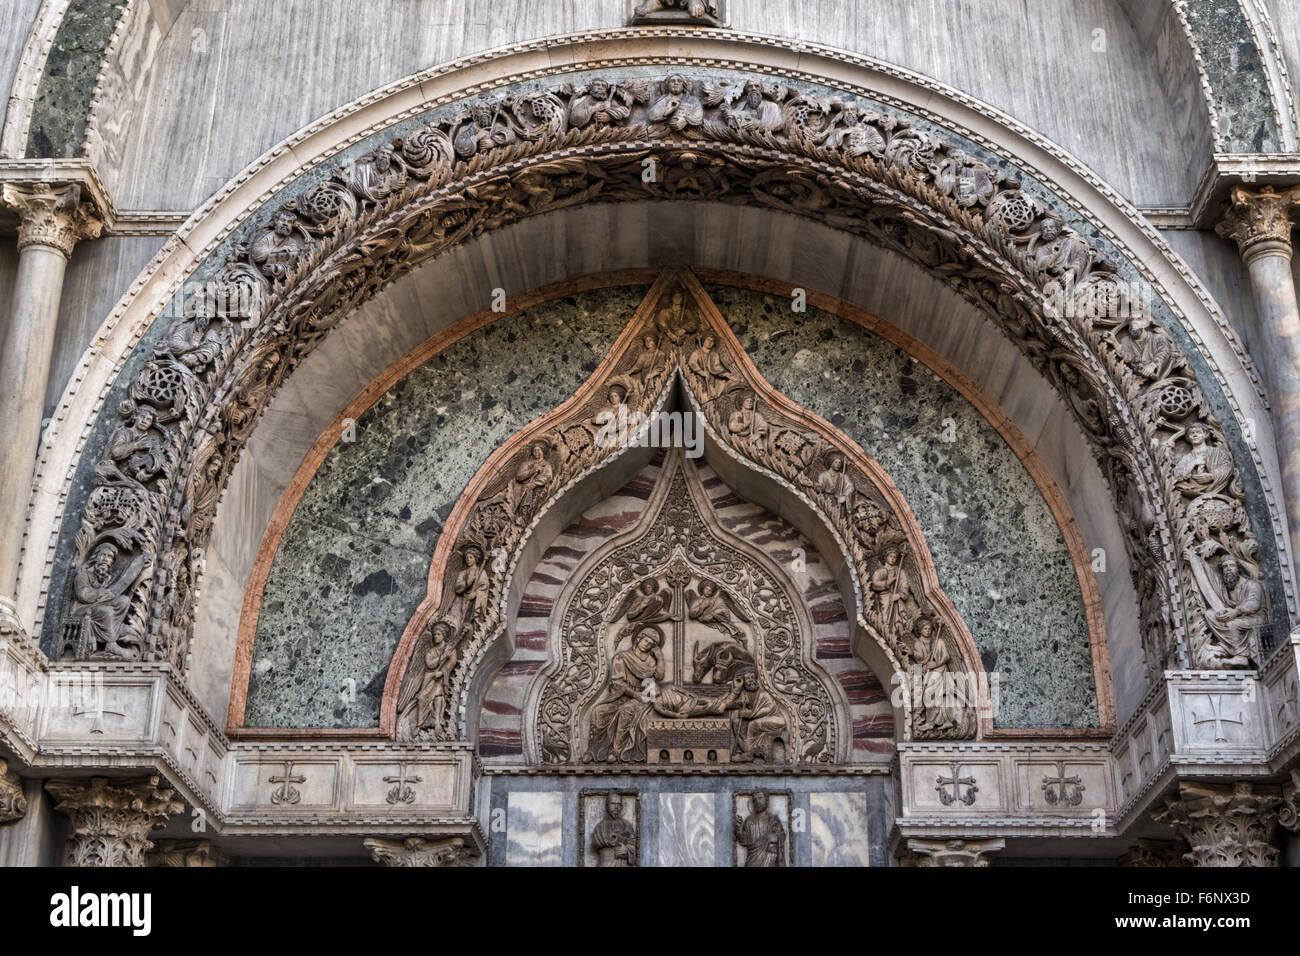 Passage orné au-dessus de l'entrée au palais des Doges, Venise Photo Stock